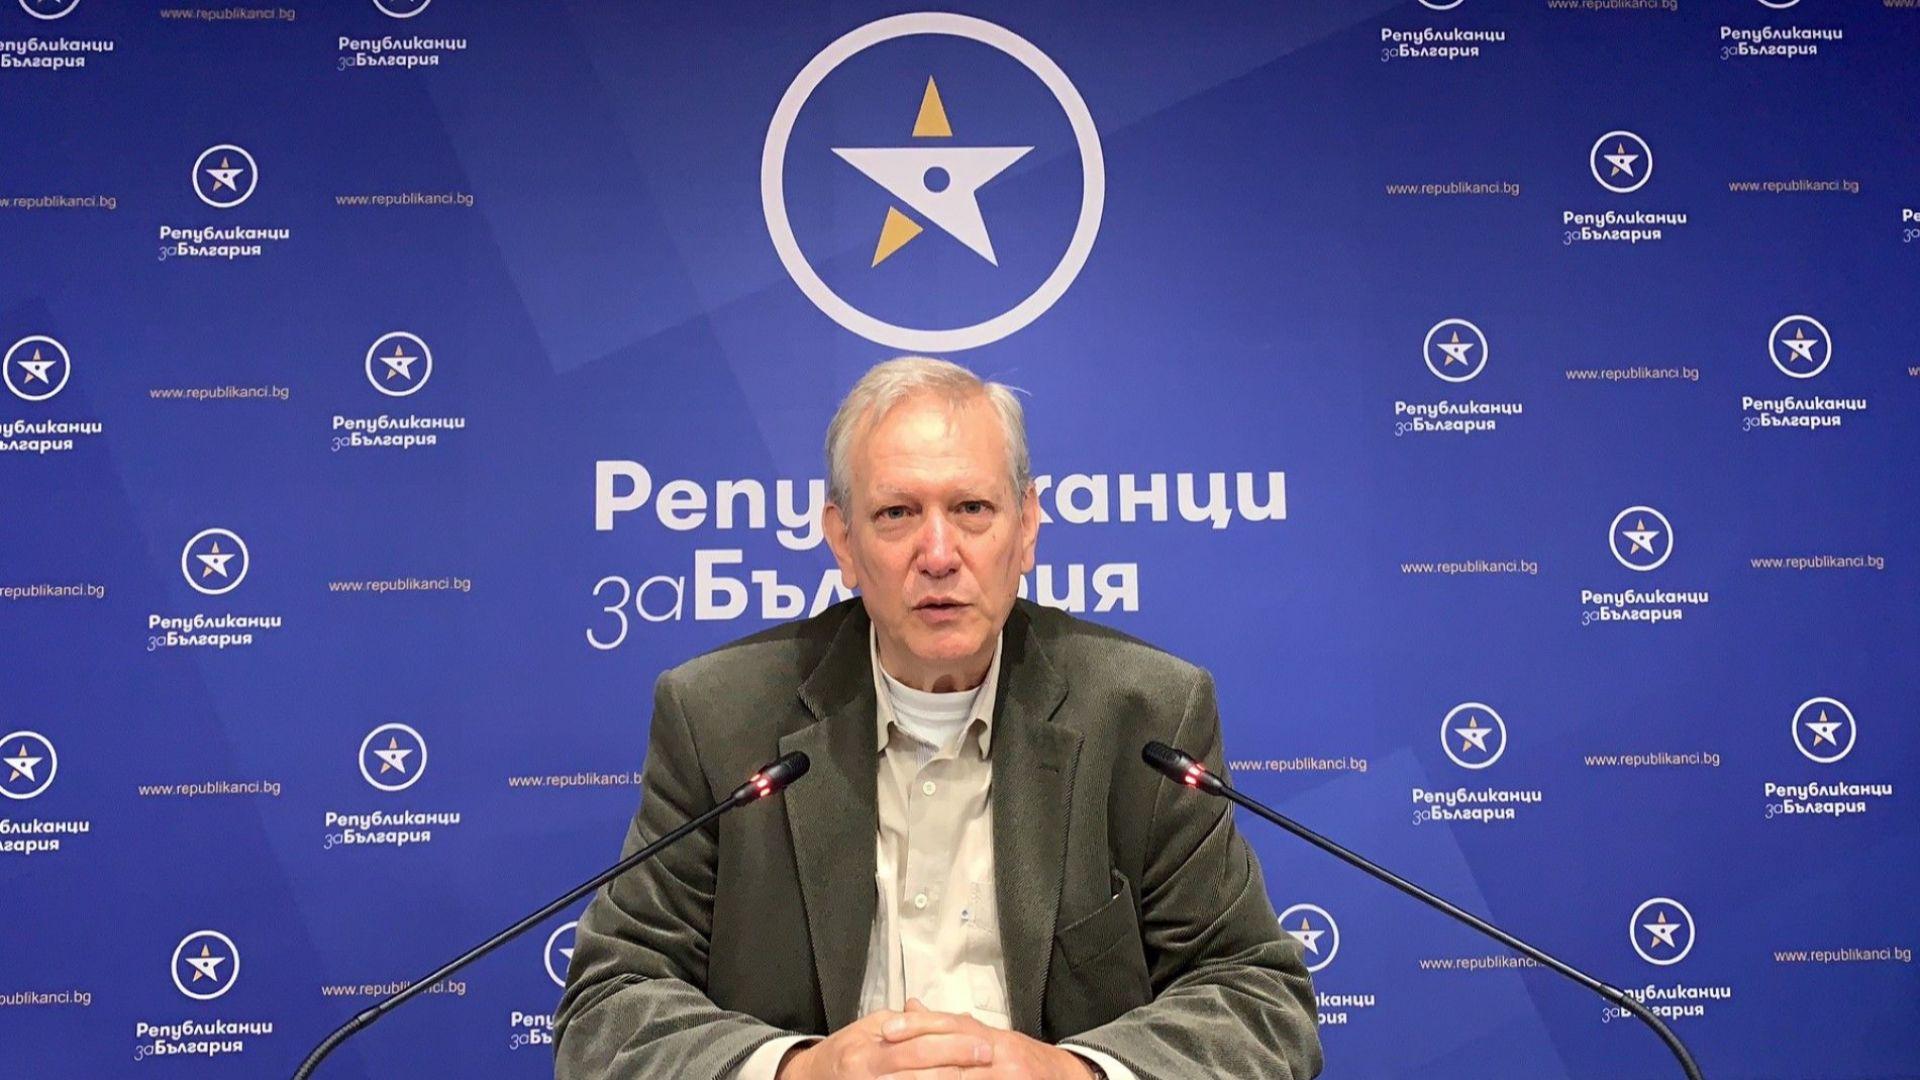 Републиканци за България: От Министерството на енергетиката ни потвърдиха, че Пътната карта не е налична